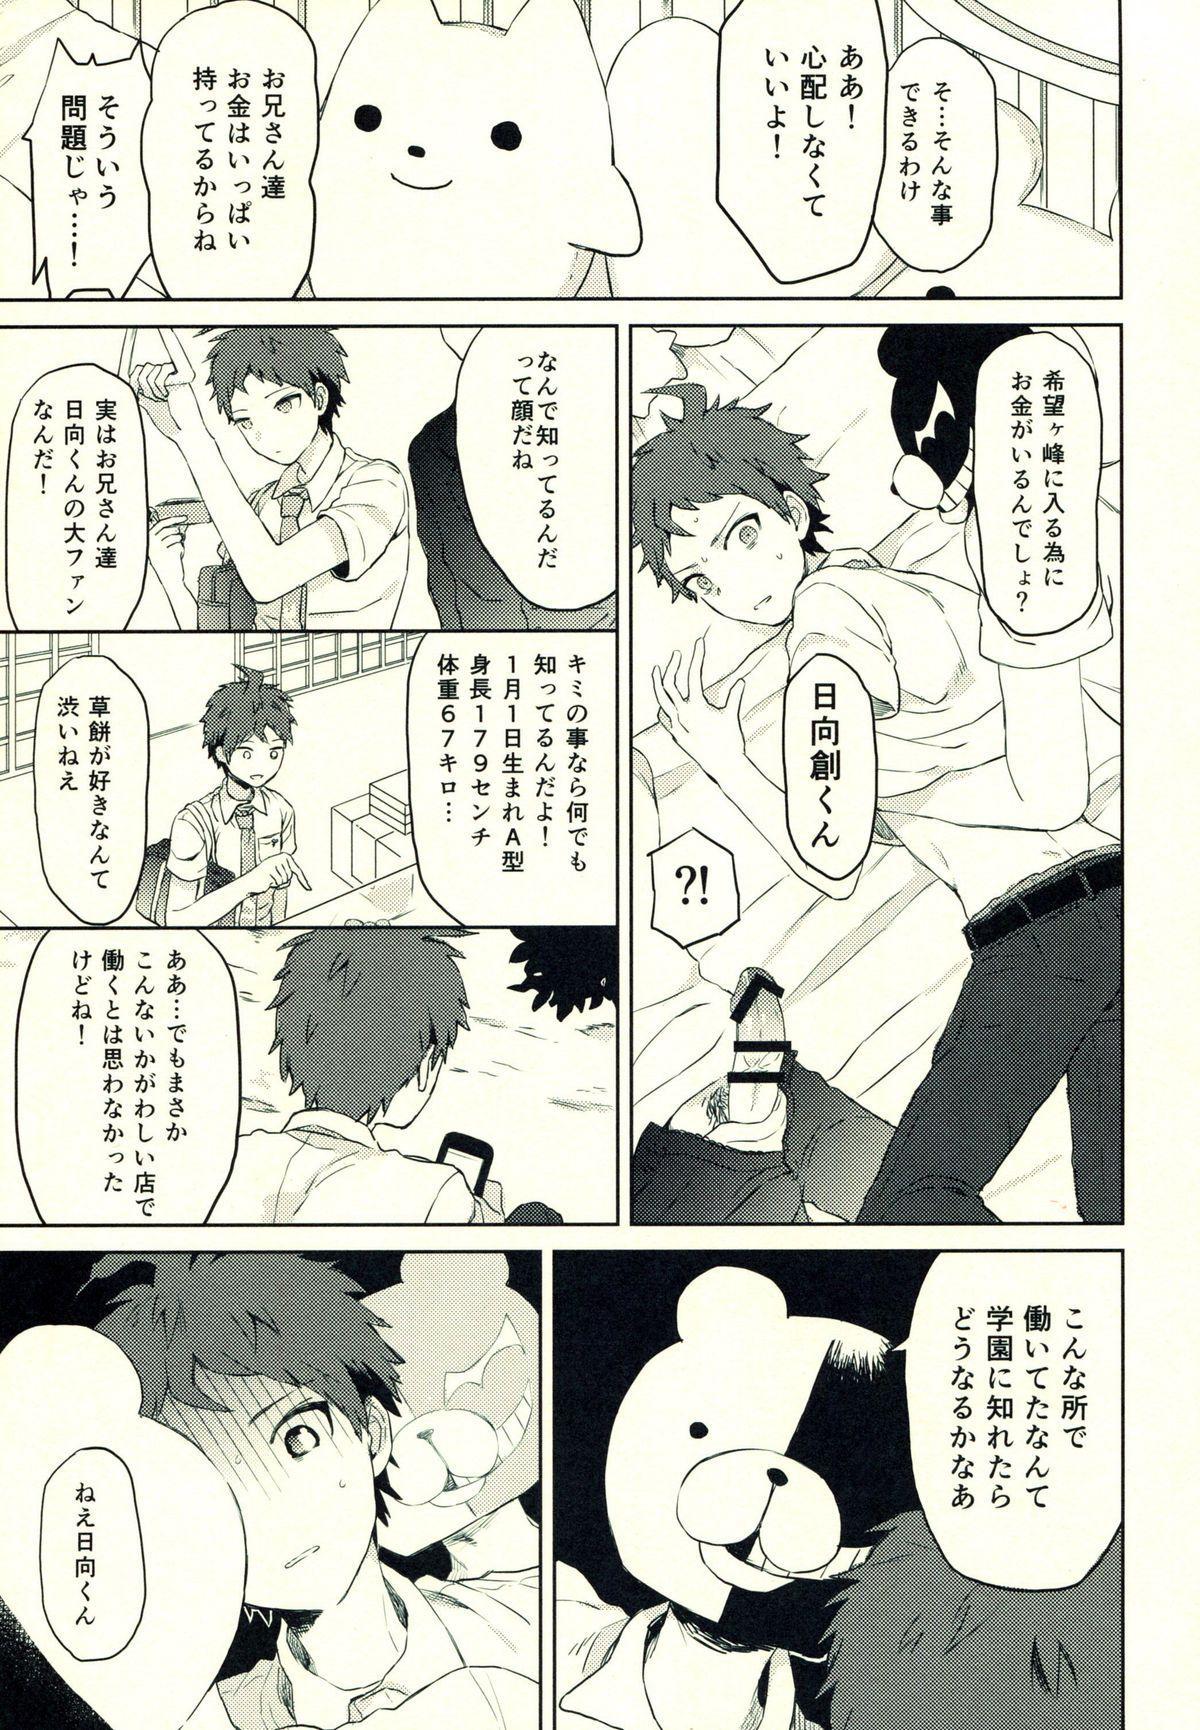 Hinata Hajime no Himitsu no Jikan 75